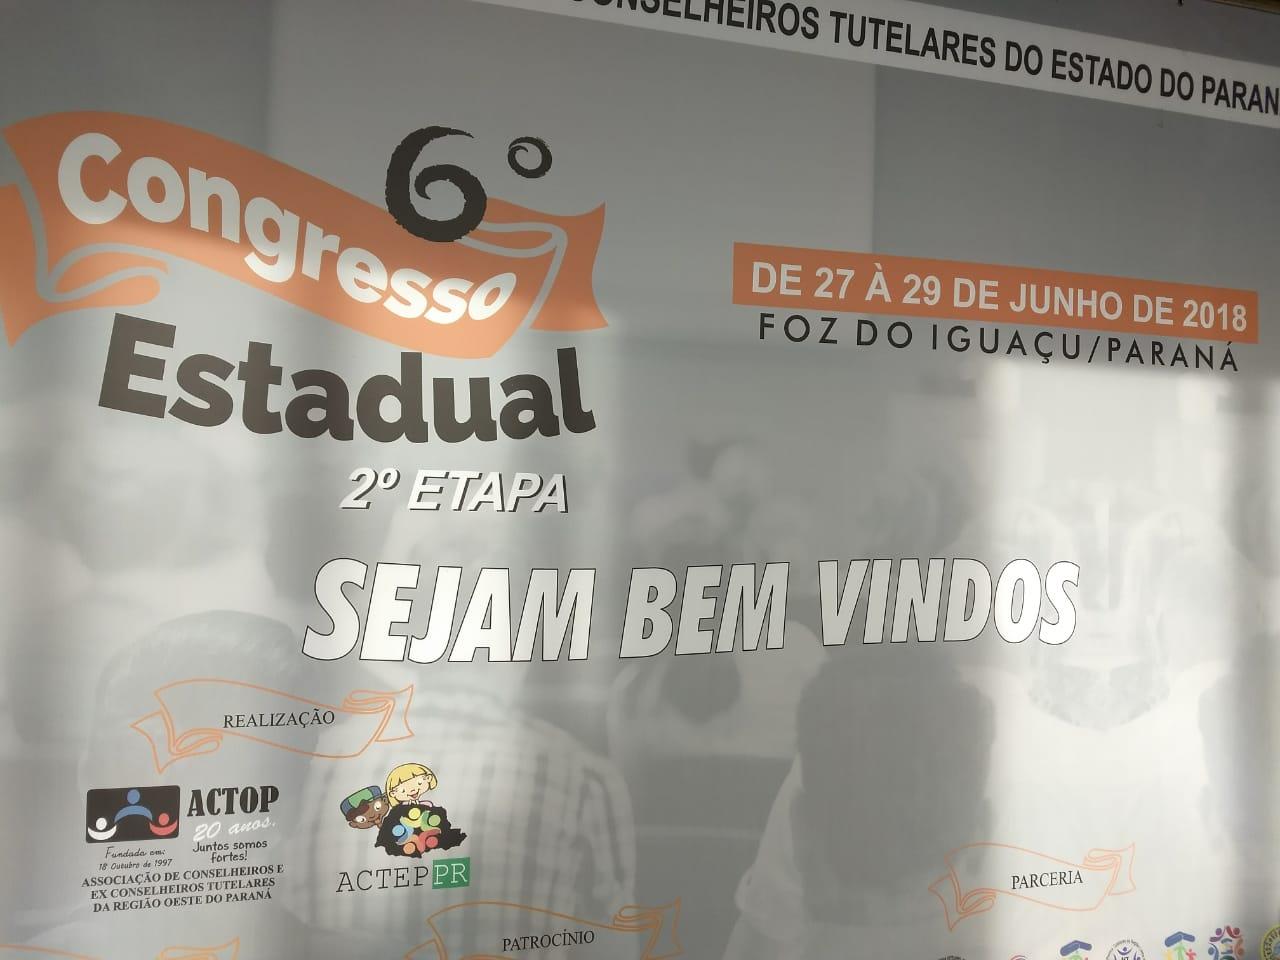 Conselheiros Tutelares de Palmas participaram de congresso em Foz do Iguaçu